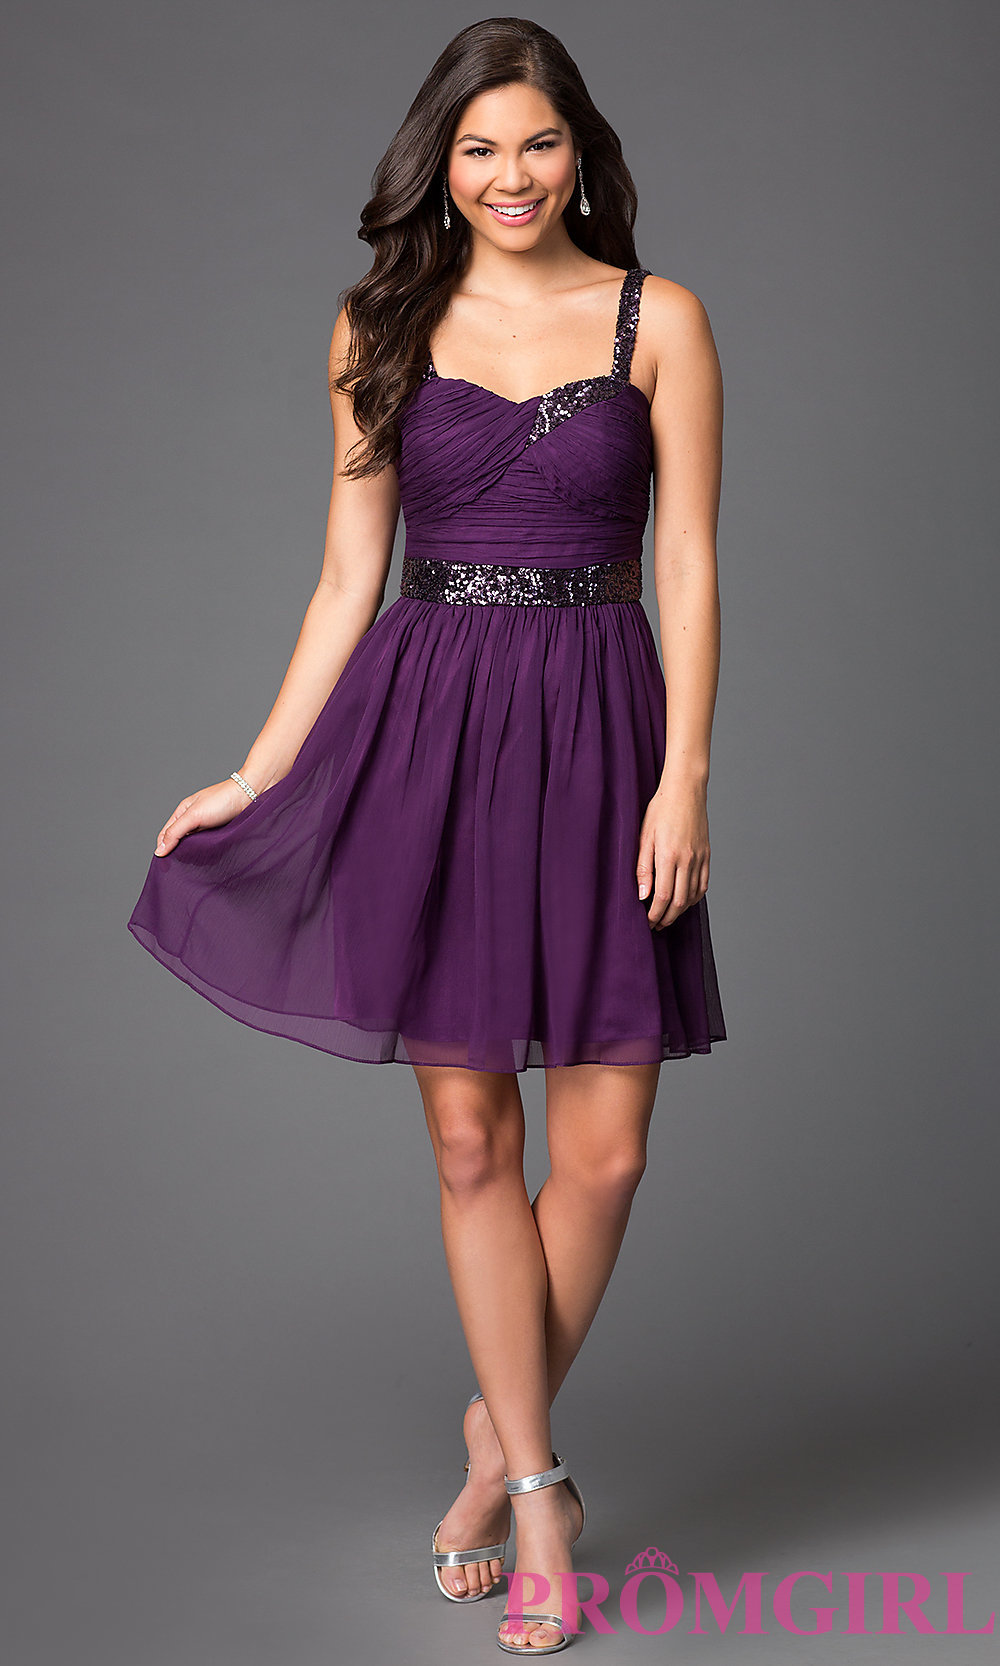 vestido roxo para formatura